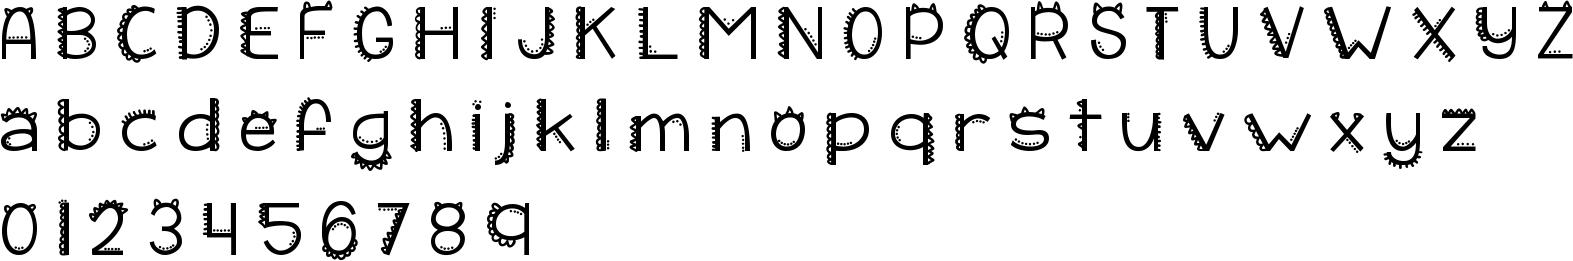 Kgiliketomoveit Character Map Image